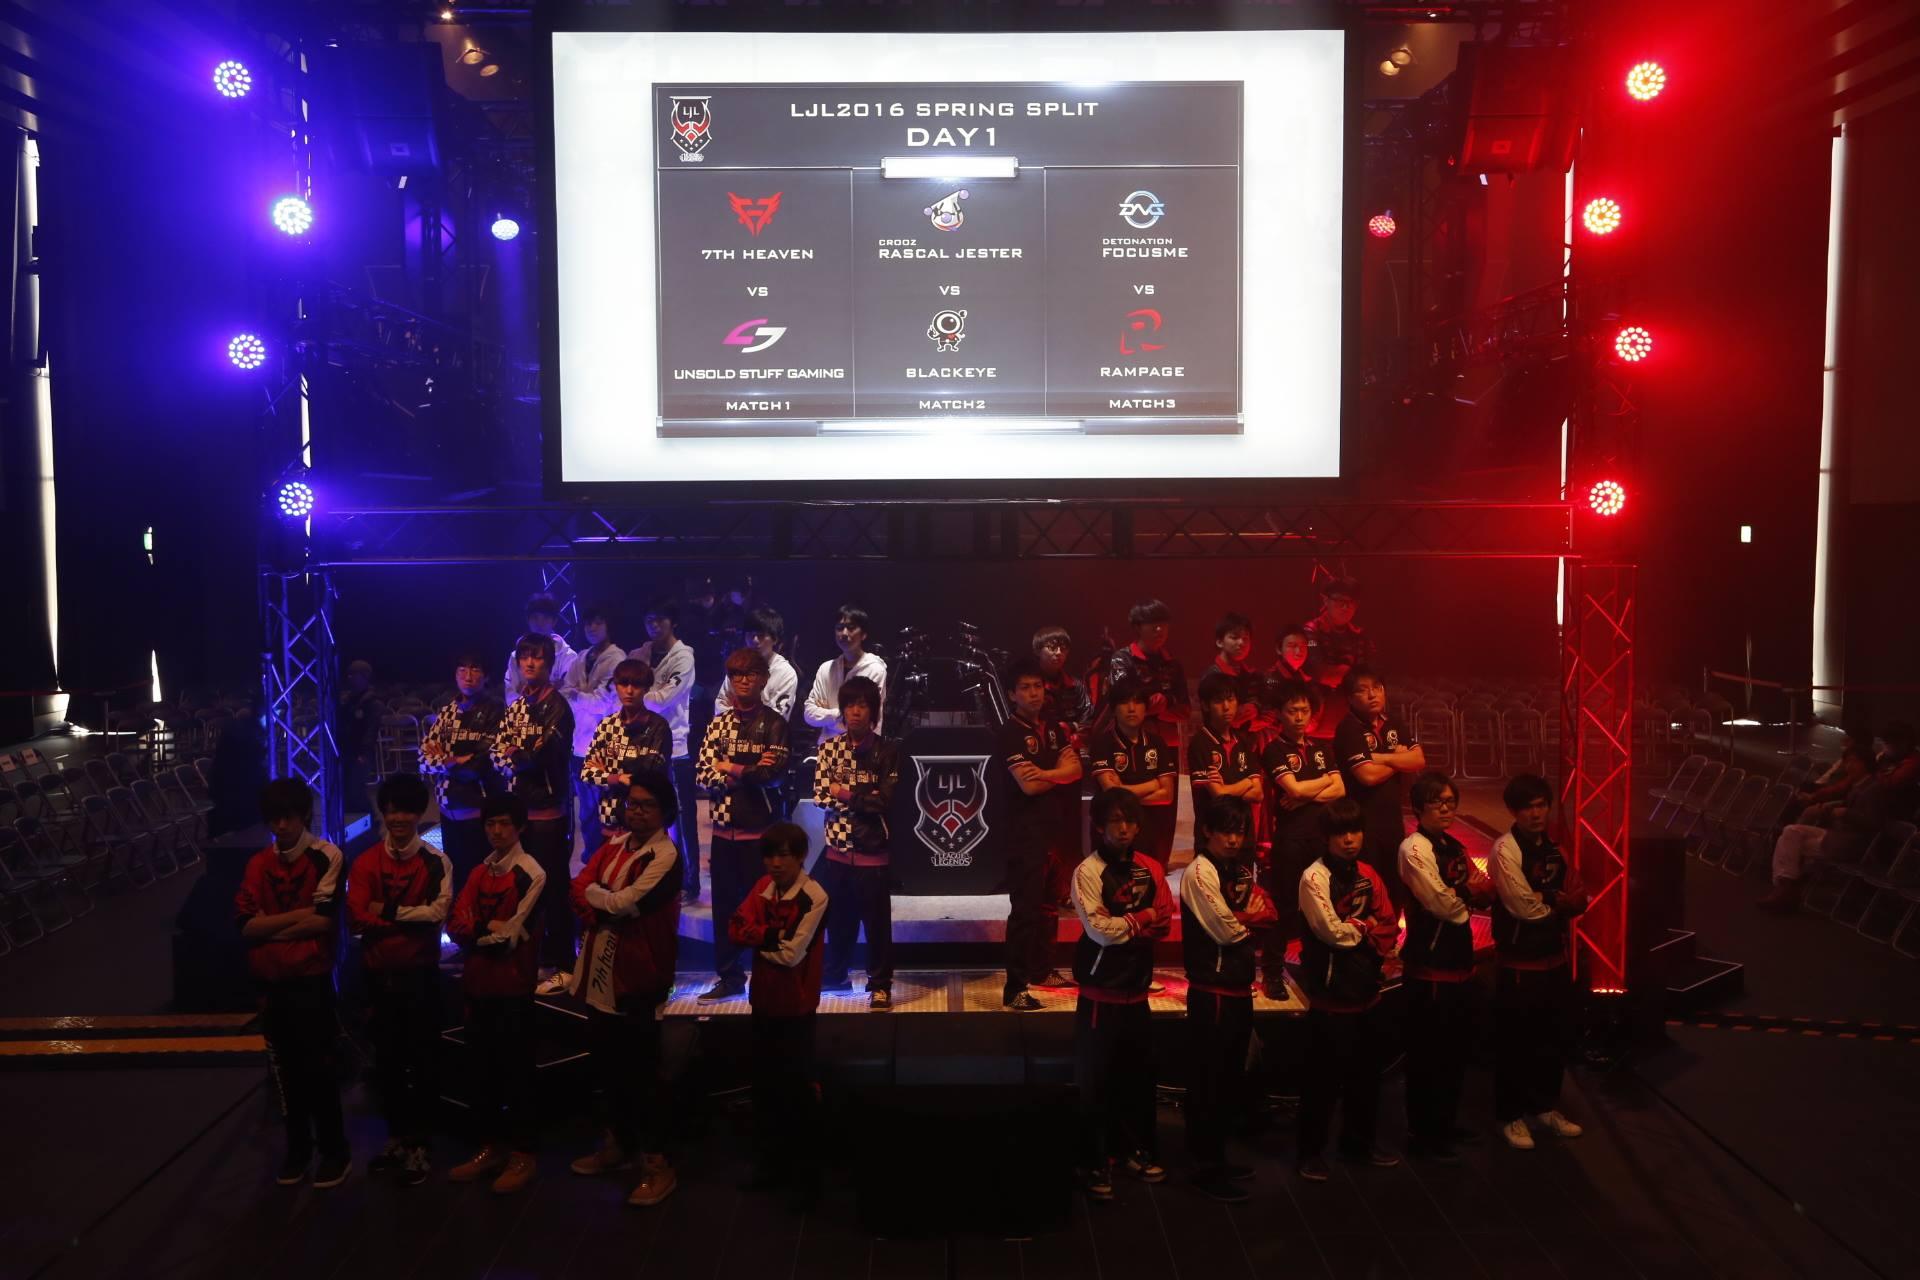 日服將至 LJL賽區挑戰者聯賽正式成立